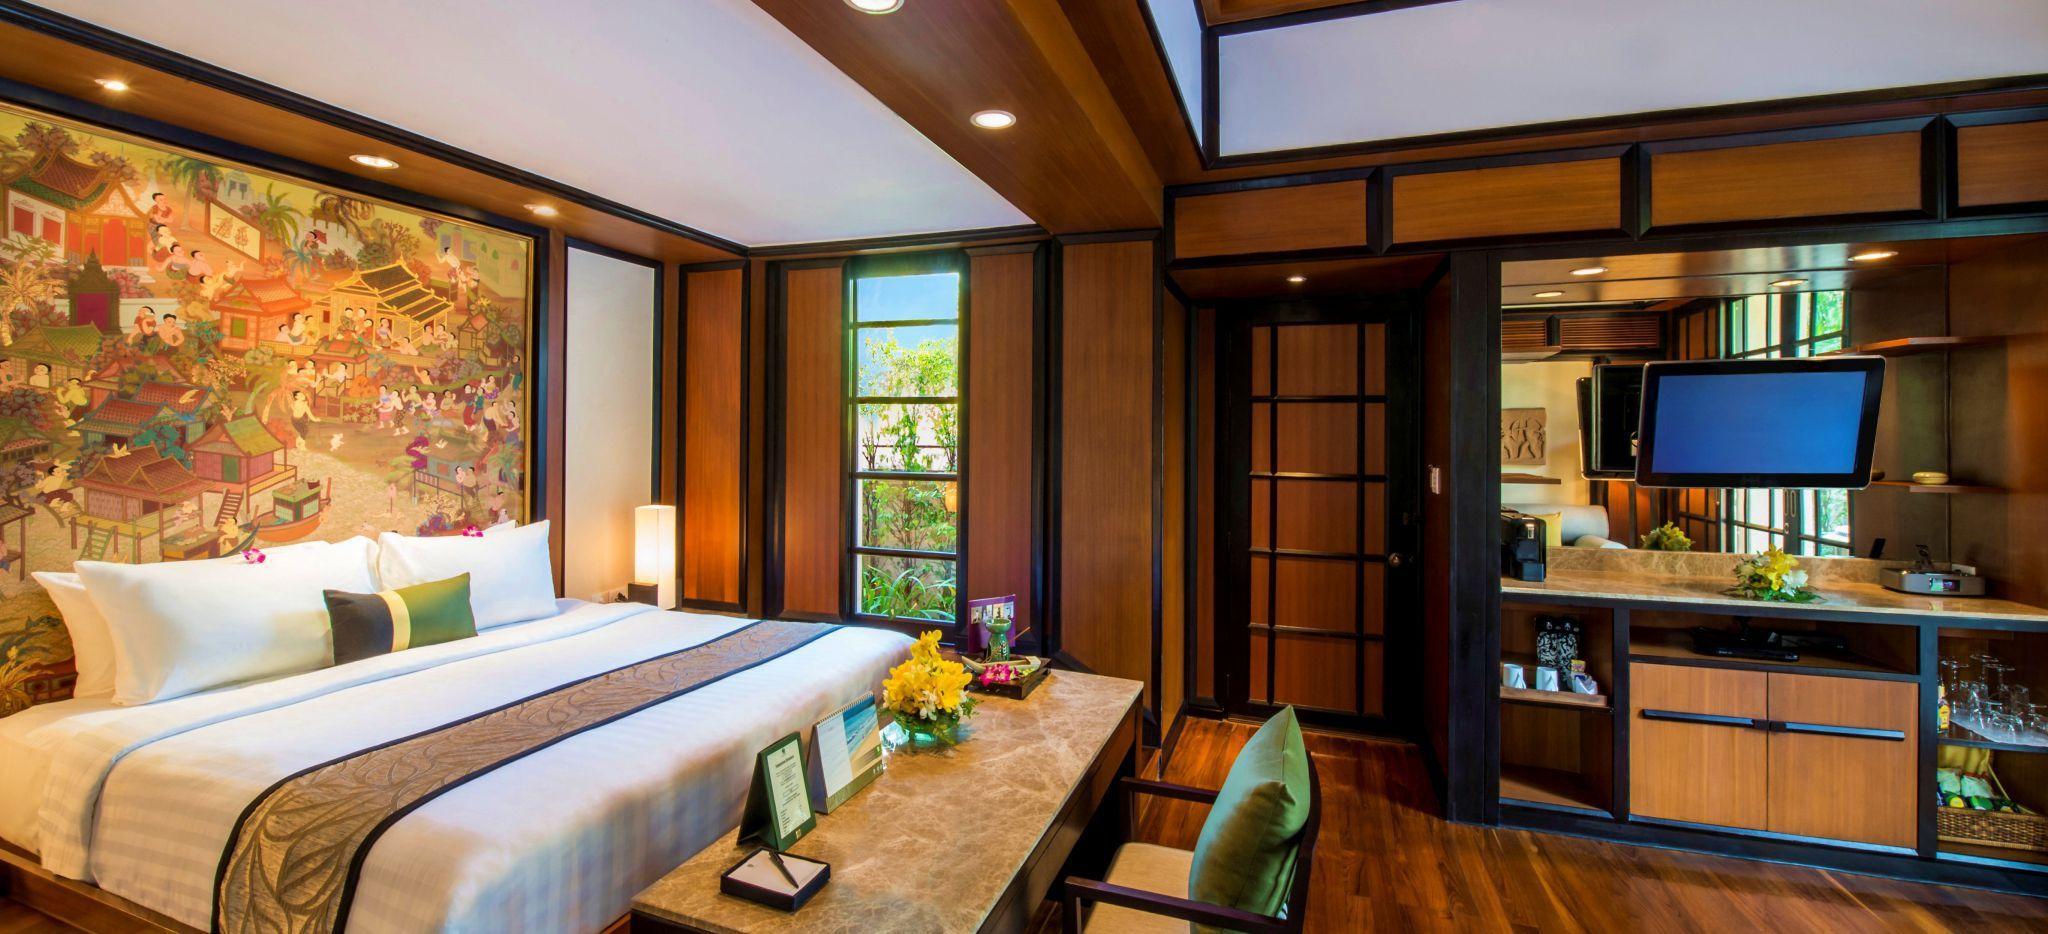 Ein großes Hotelzimmer